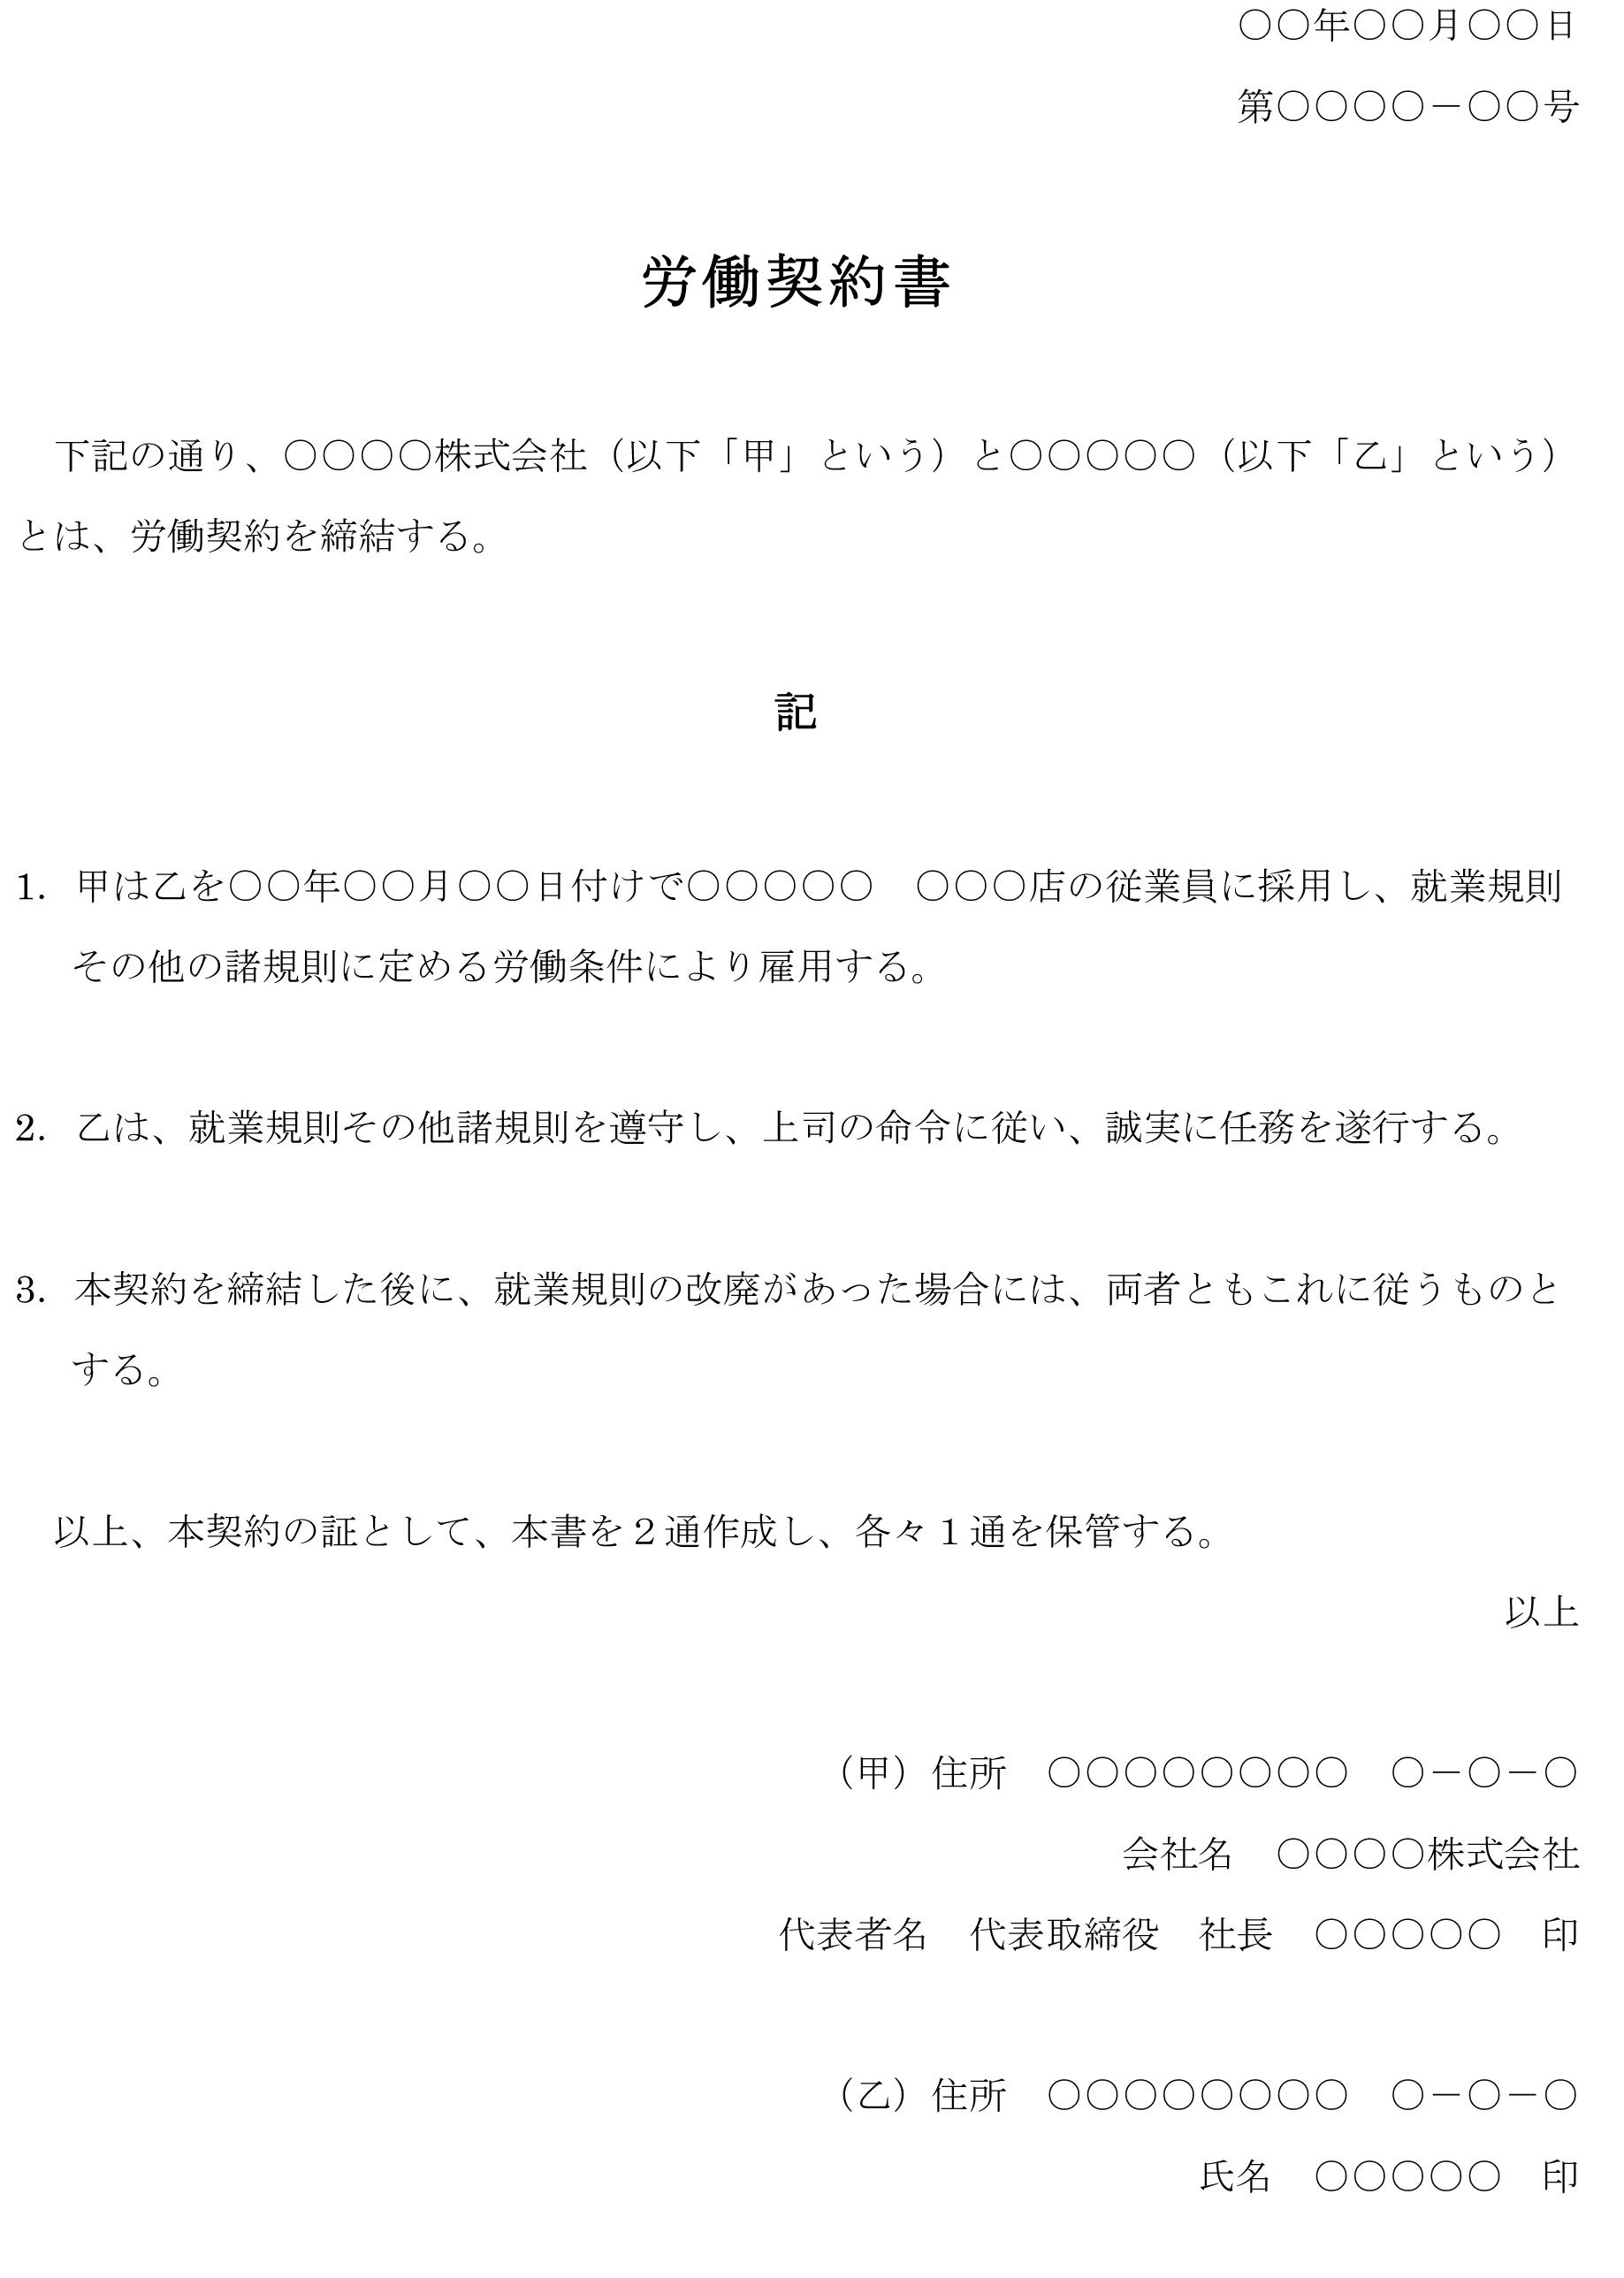 労働契約書02